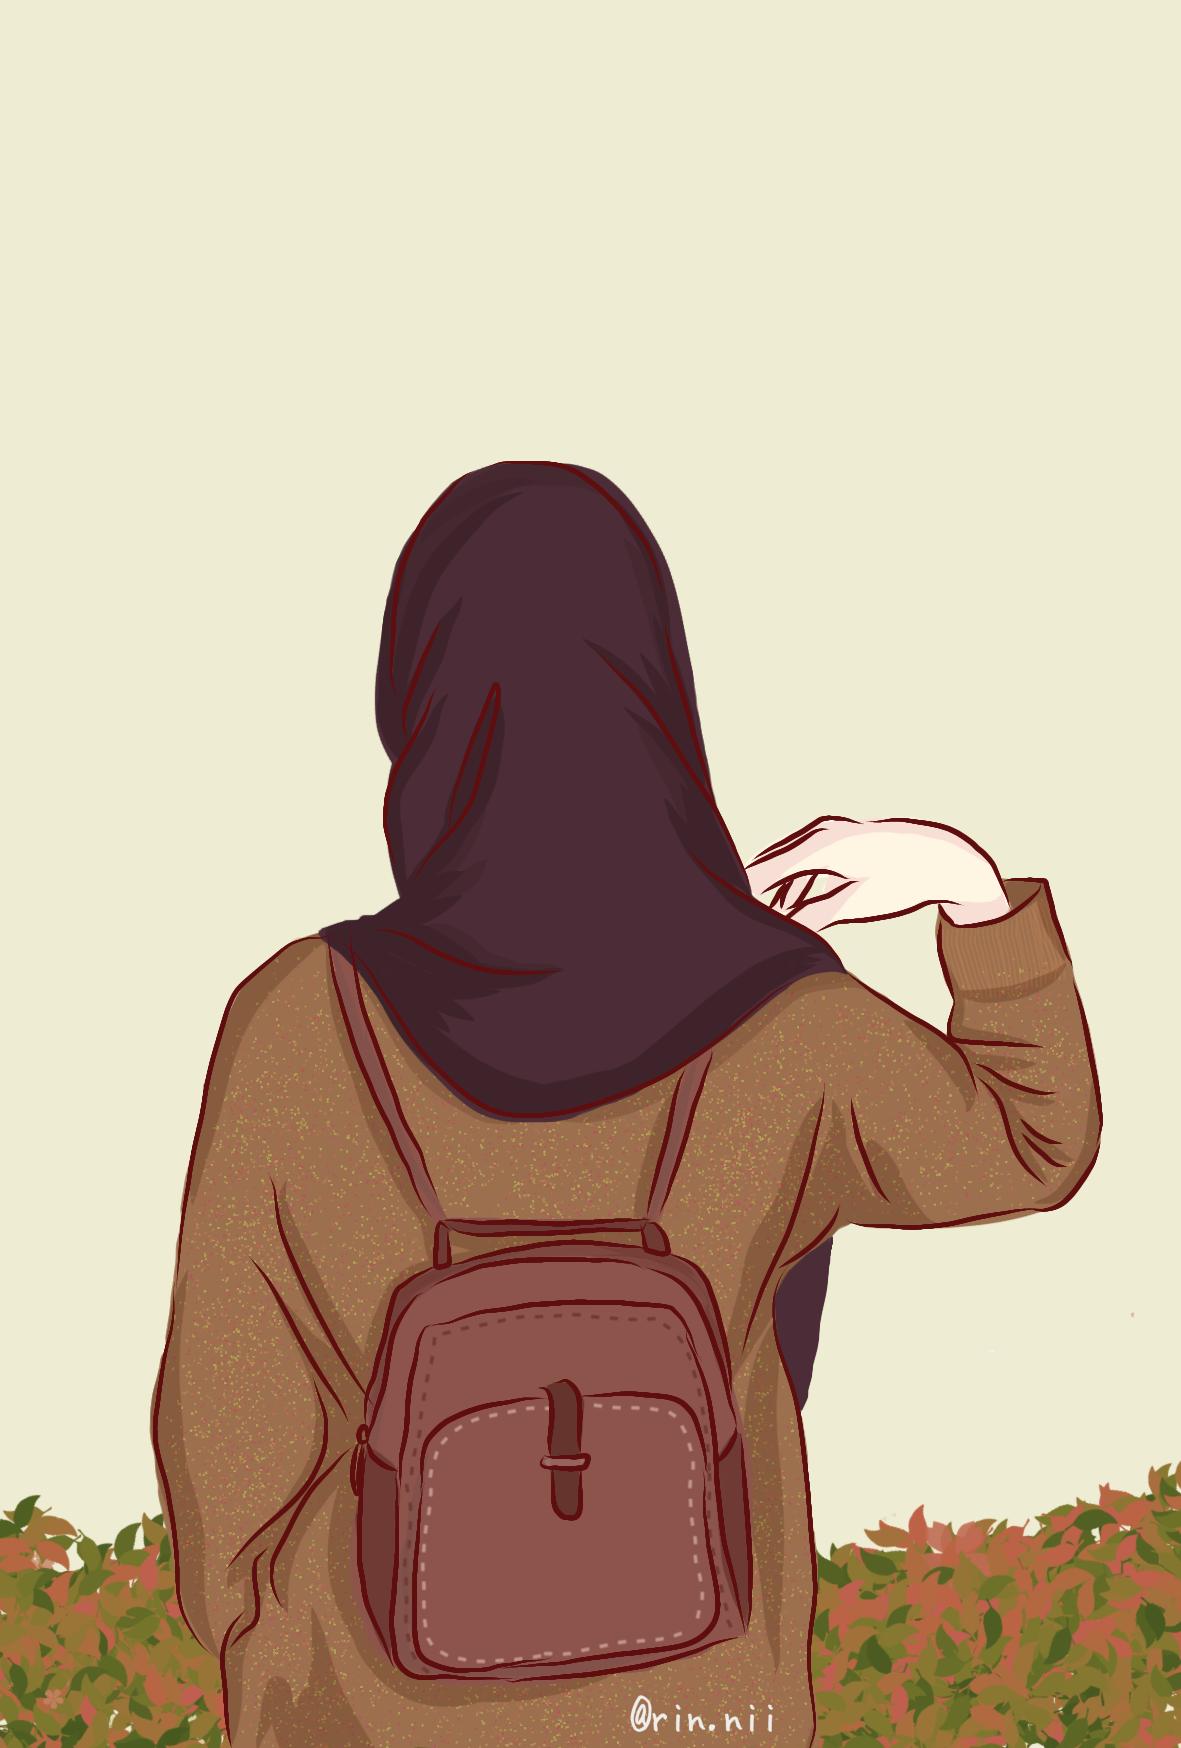 Pin Oleh Halouma Dach Di Love Hijab Di 2020 Ilustrasi Karakter